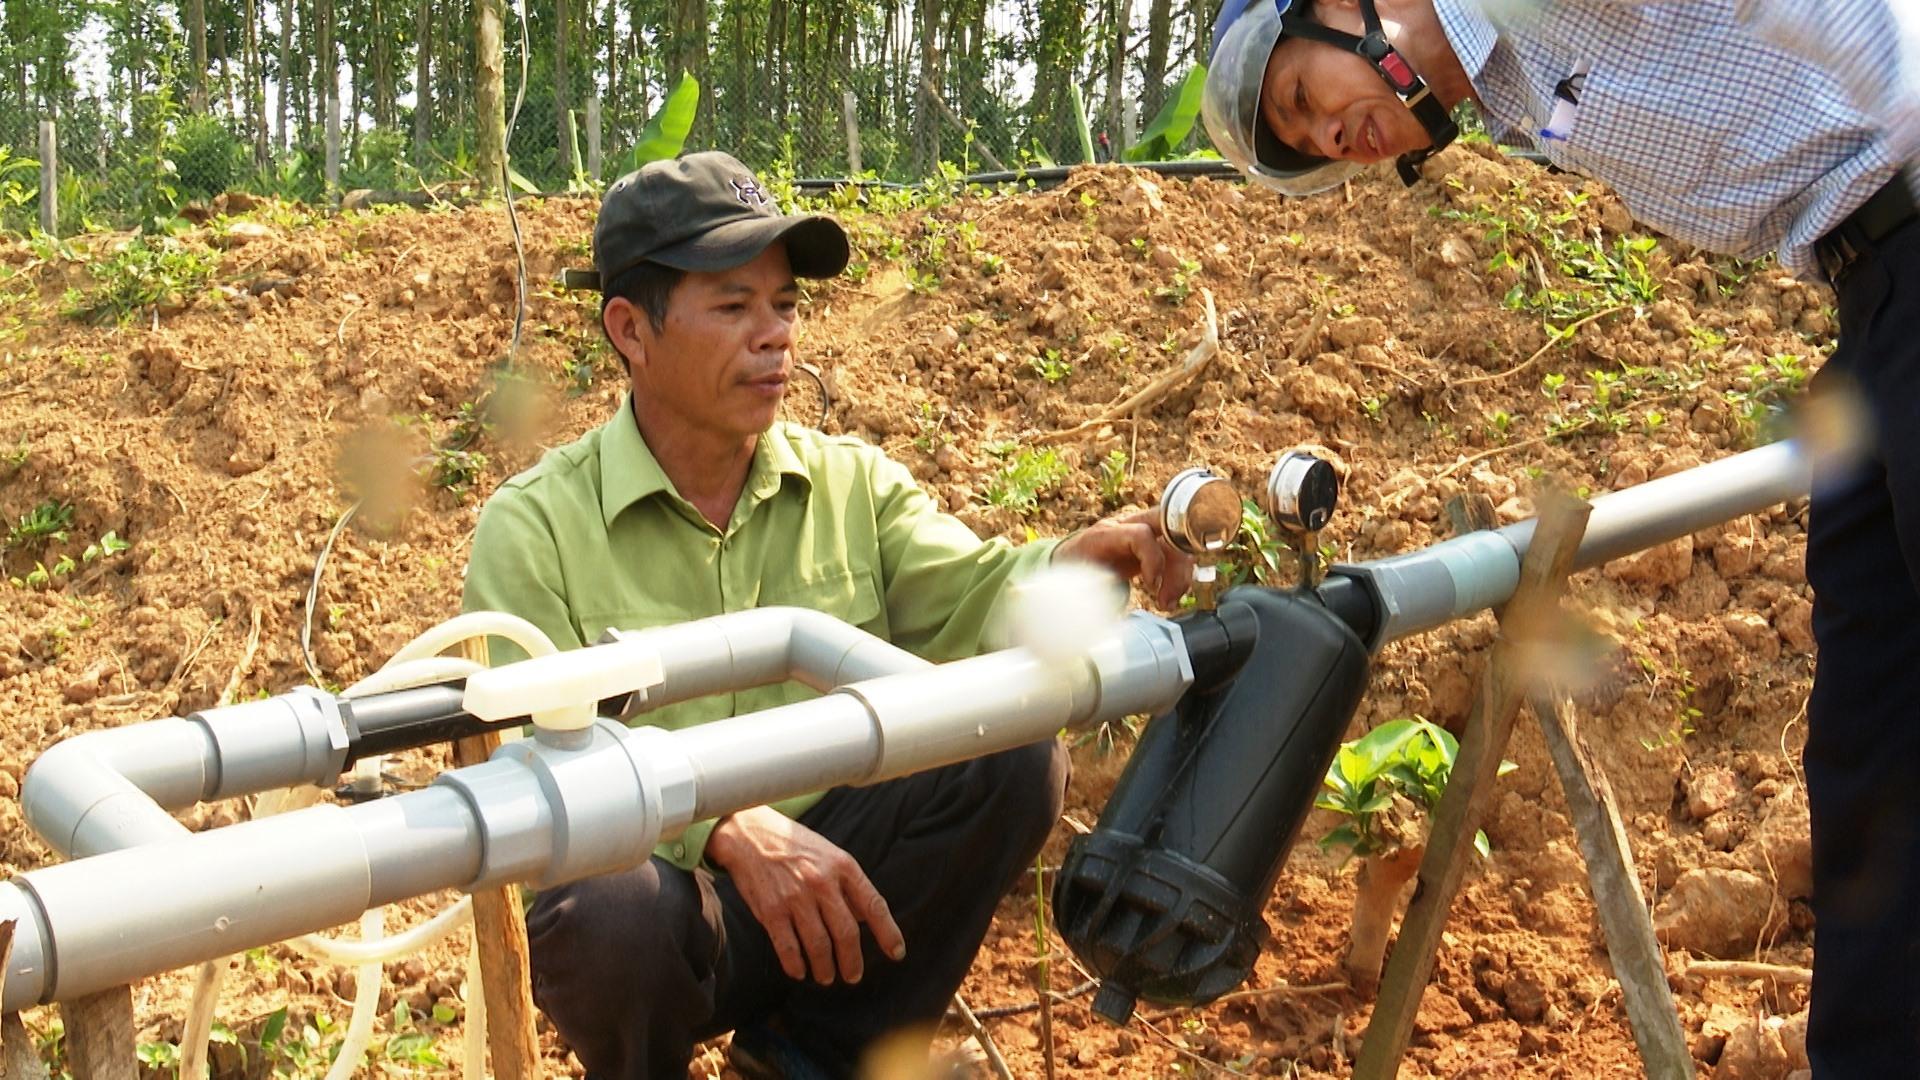 Nhờ ứng dụng công nghê tiên tiến, vườn cây của gia đình ông Sơn đem lại hiệu quả kinh tế cao. Ảnh: H.H